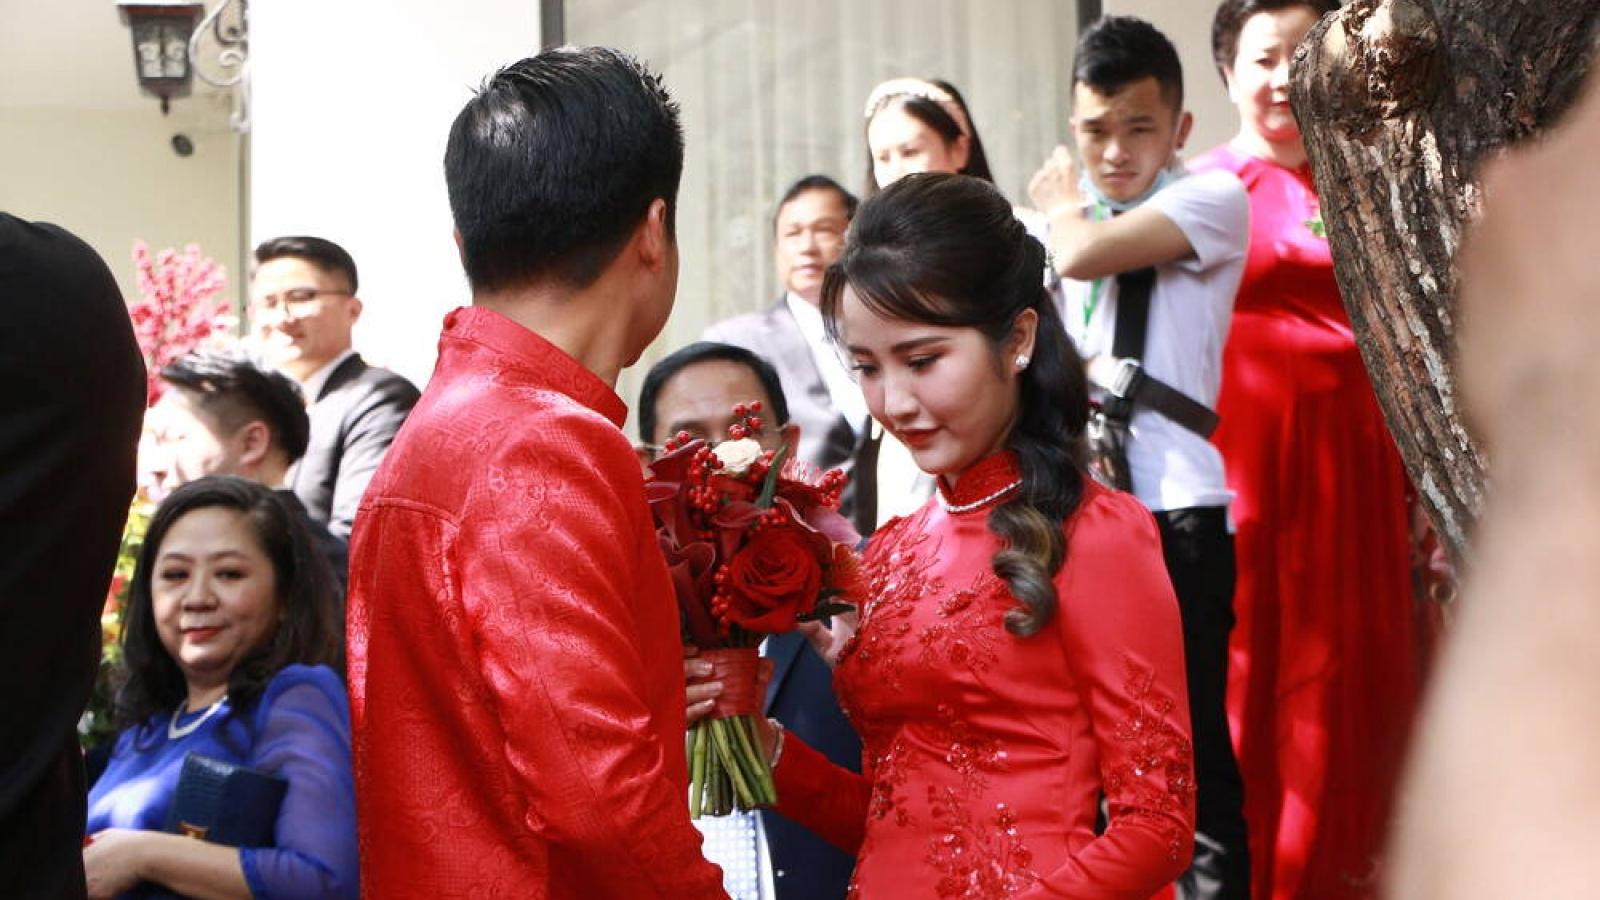 Chuyện showbiz: Phan Thành thân mật bên cô dâu Primmy Trương trong đám cưới